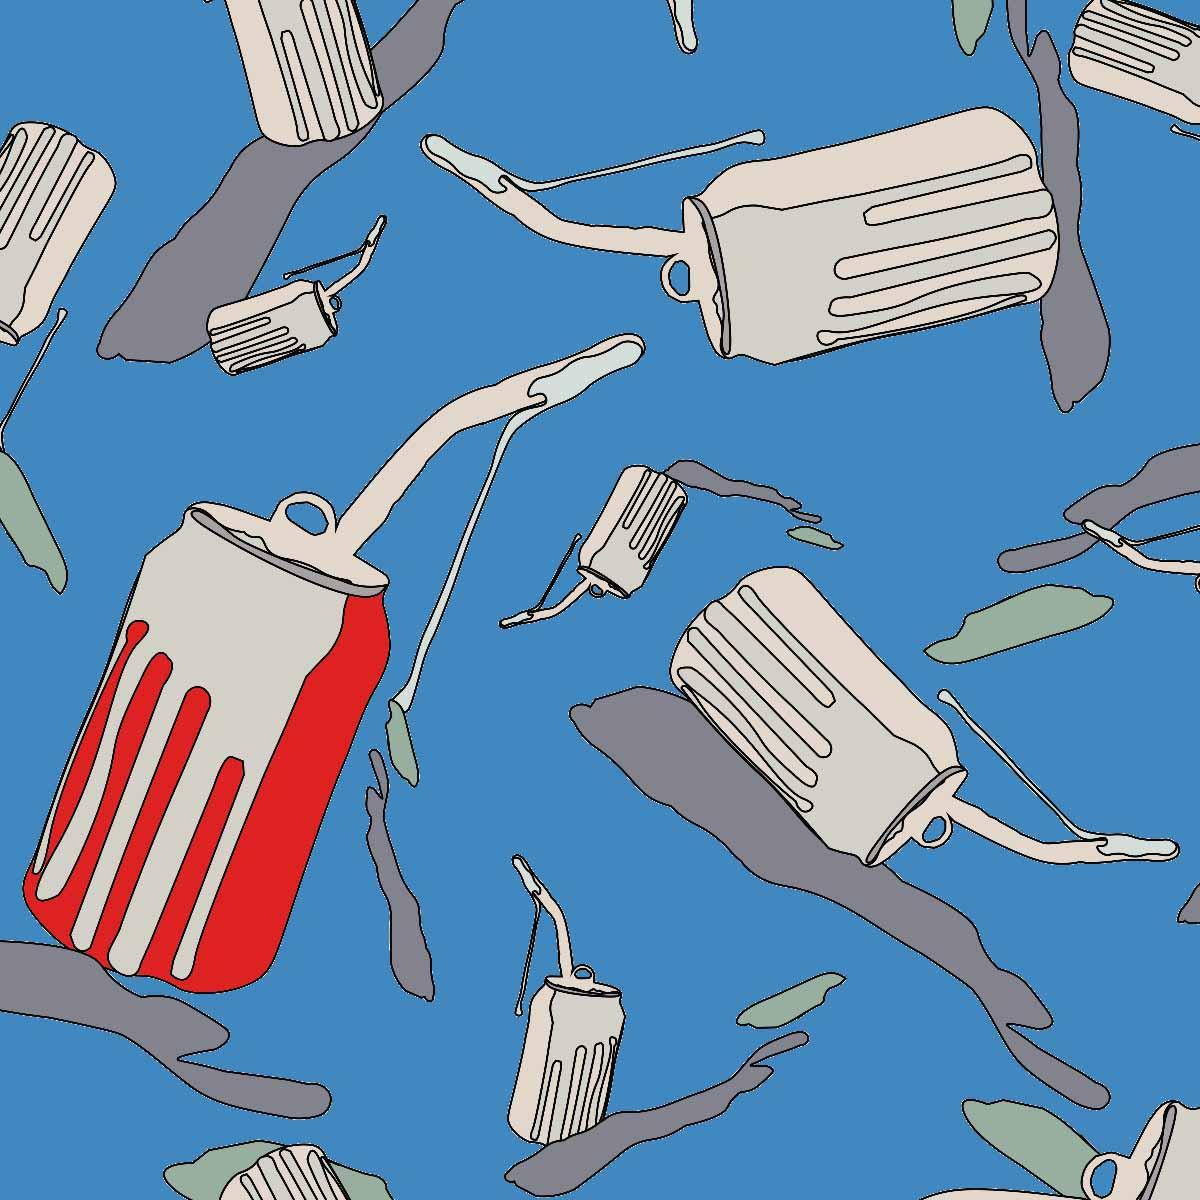 Soda Cans_4_4.jpg